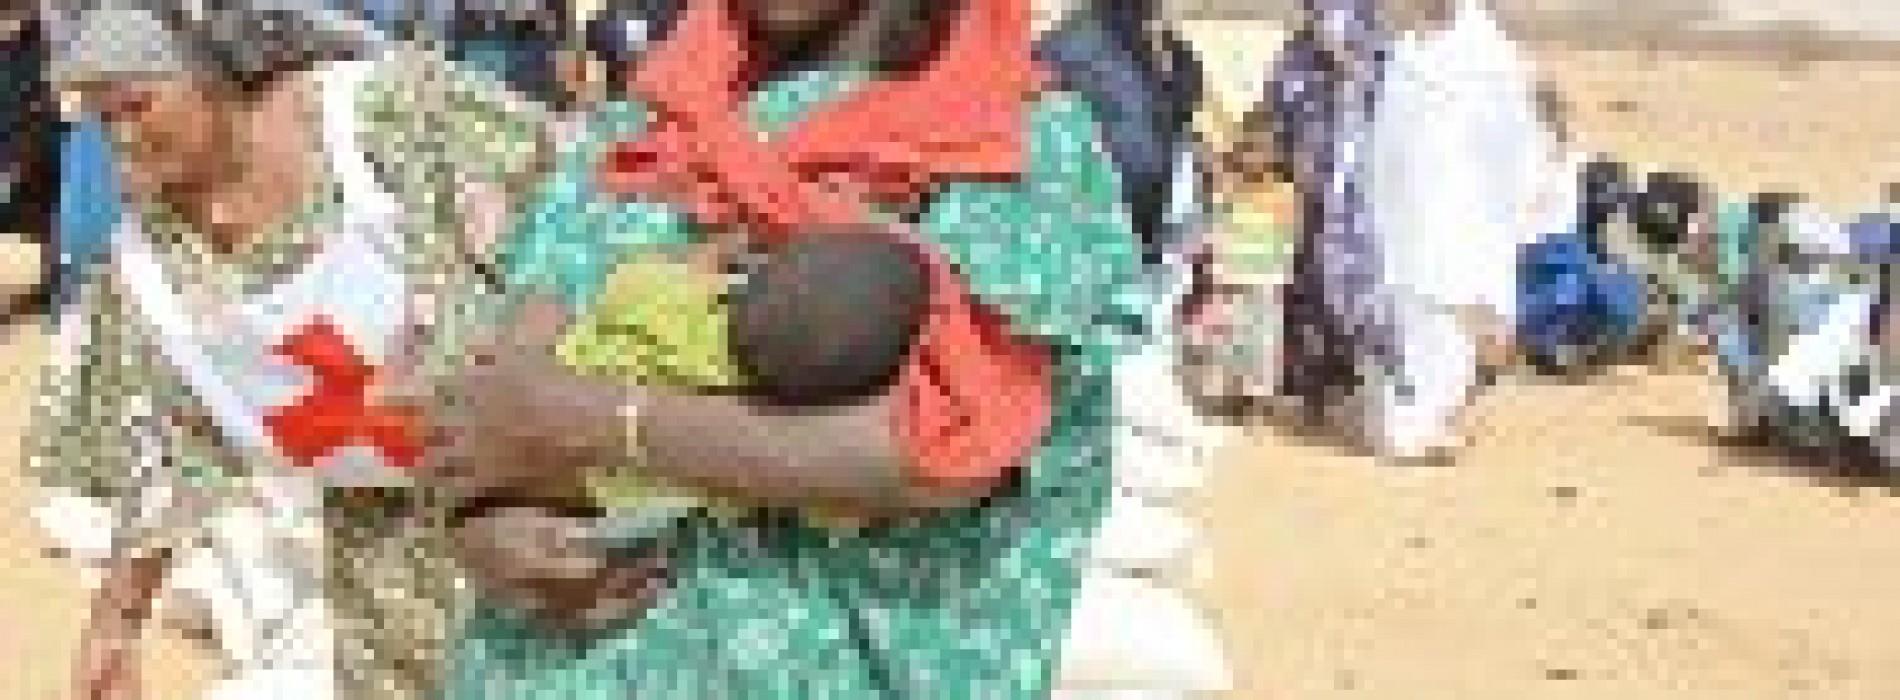 Mali : la situation humanitaire des populations du nord et du centre est alarmante